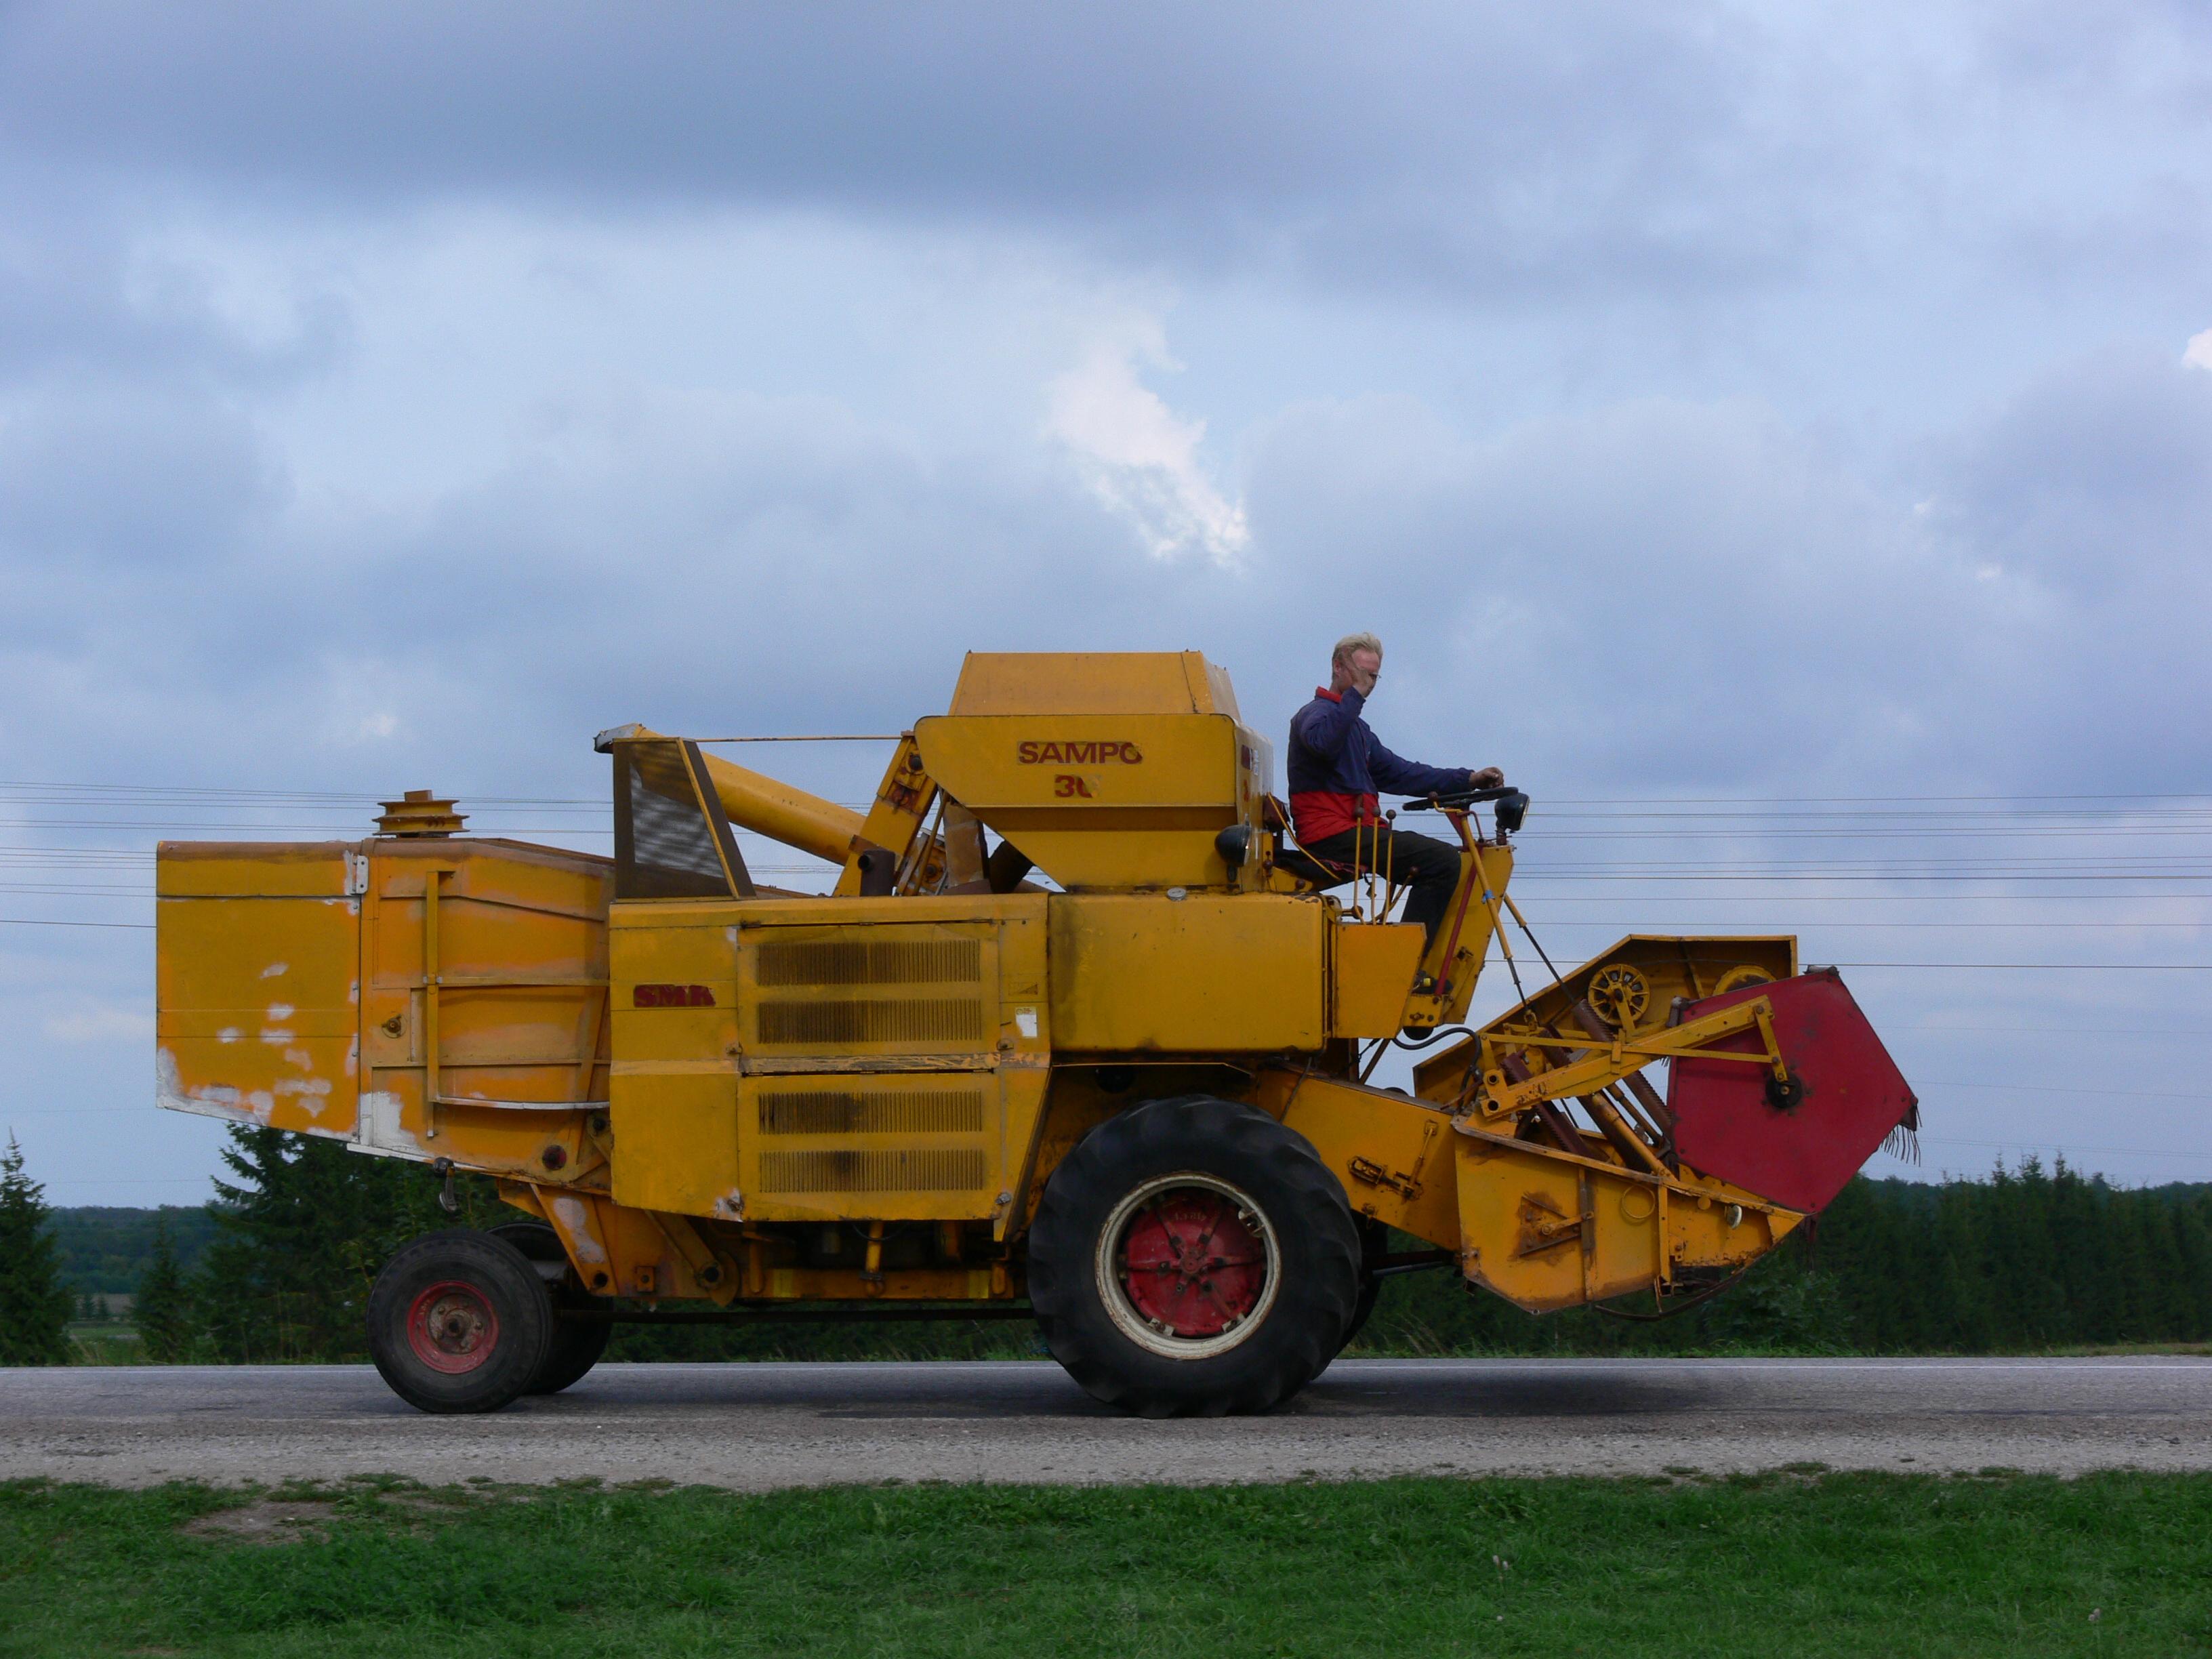 File:Sampo 30 combine harvester.jpg